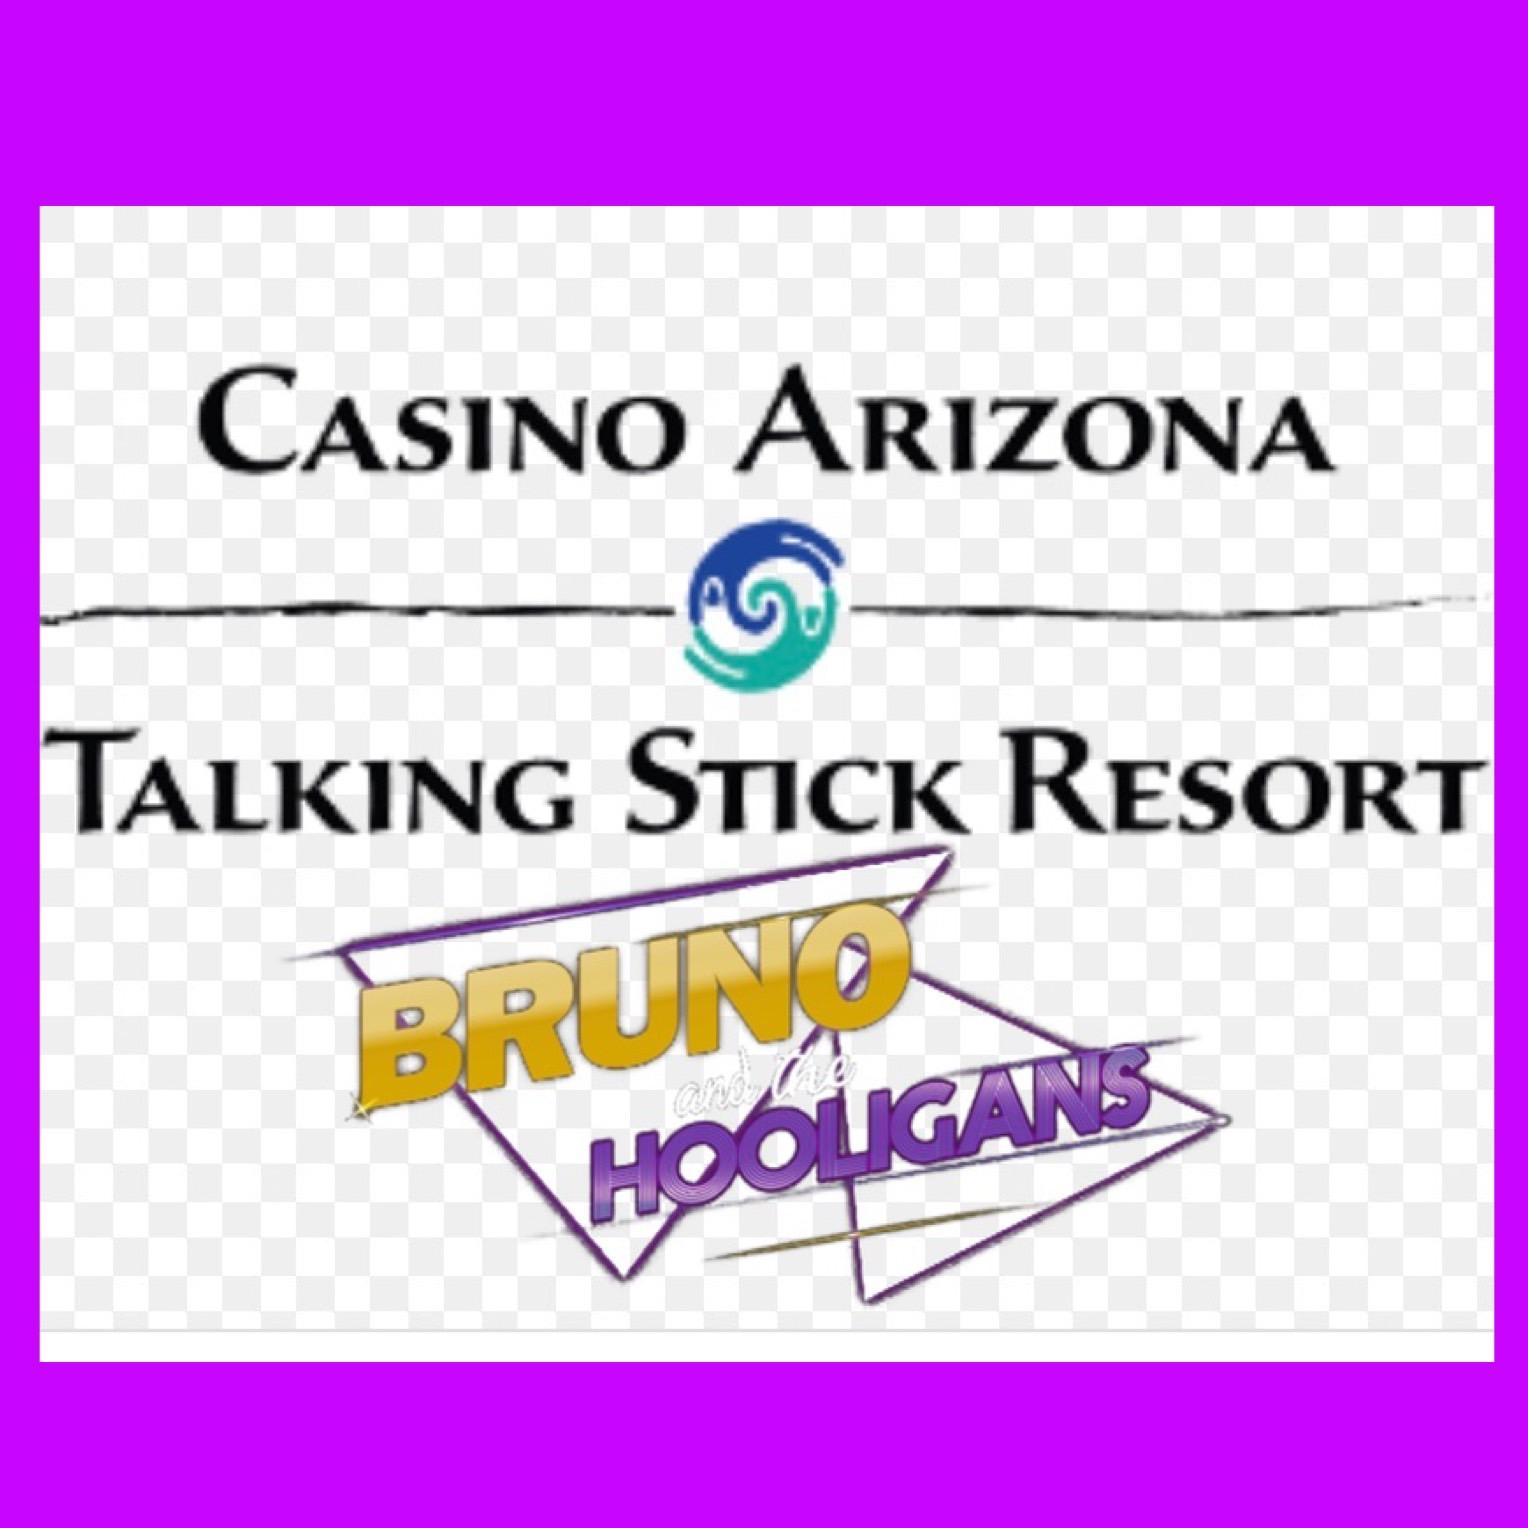 Casino Arizona & Talking Sticks Resort